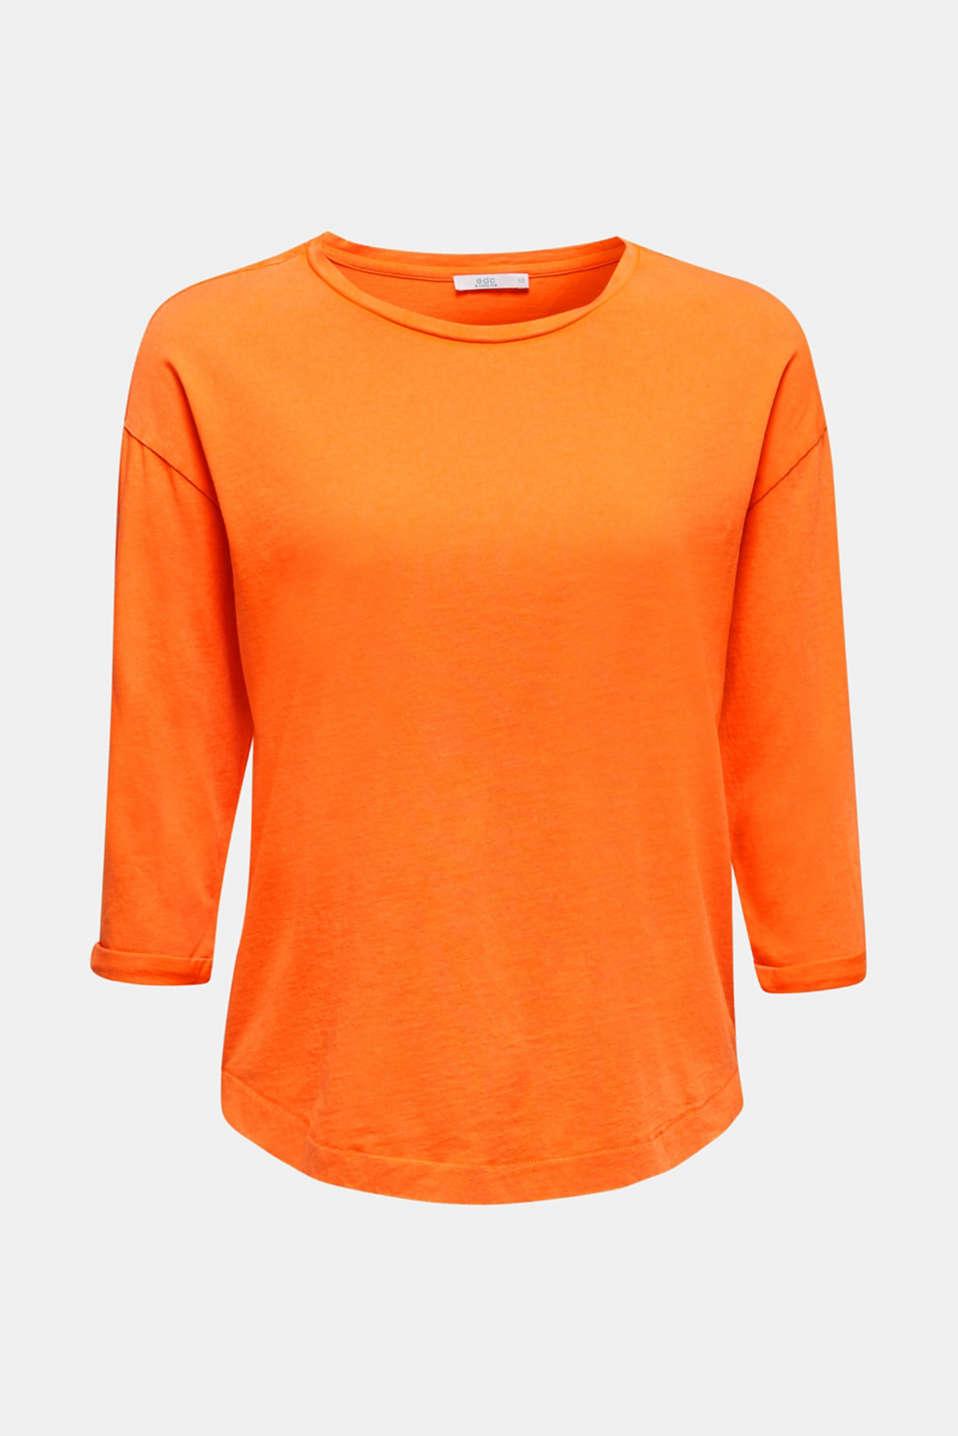 T-Shirts, ORANGE 4, detail image number 6